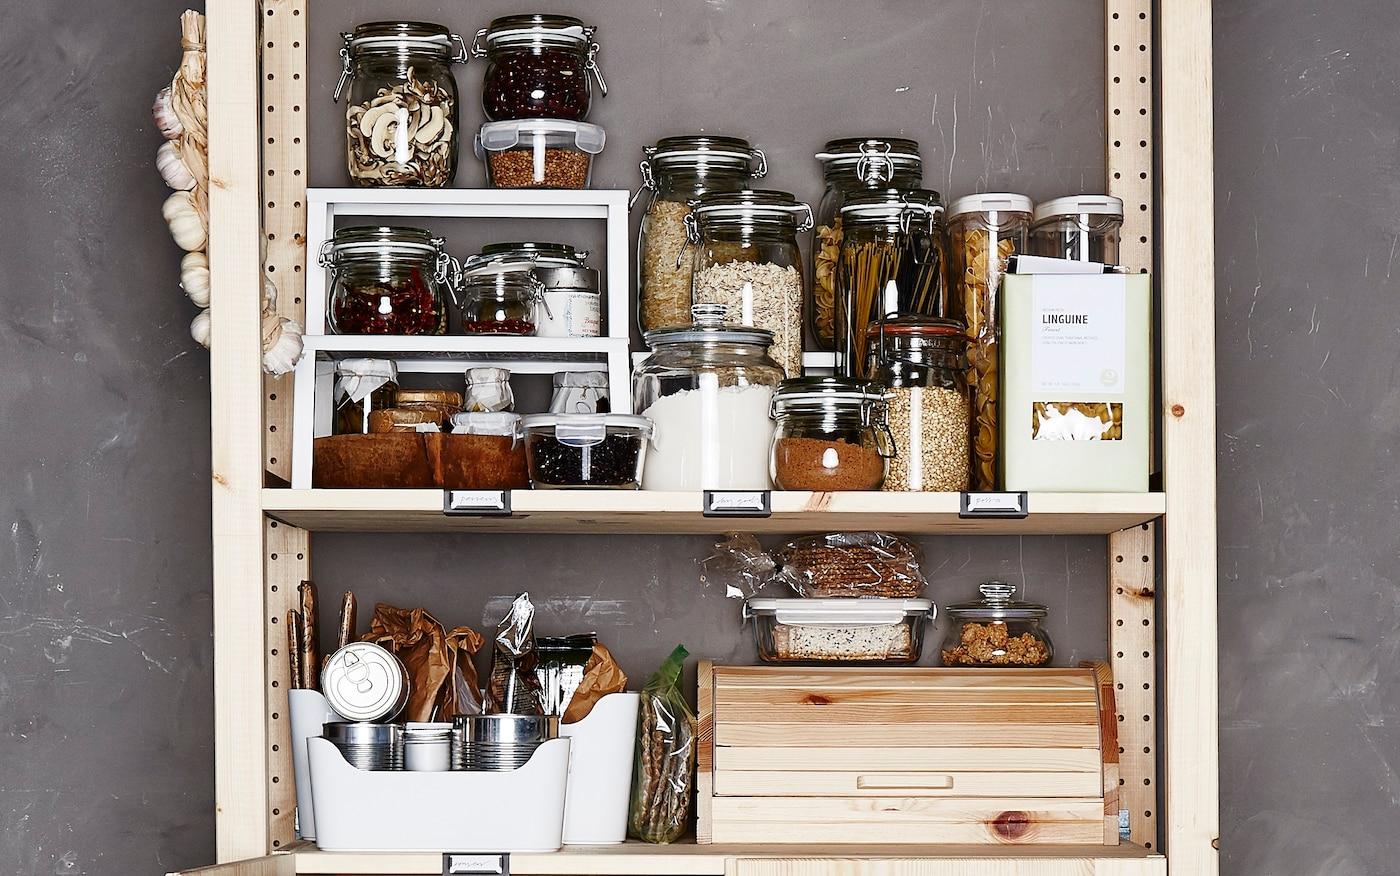 Lebensmittelaufbewahrung Tipps Ideen Ikea Deutschland